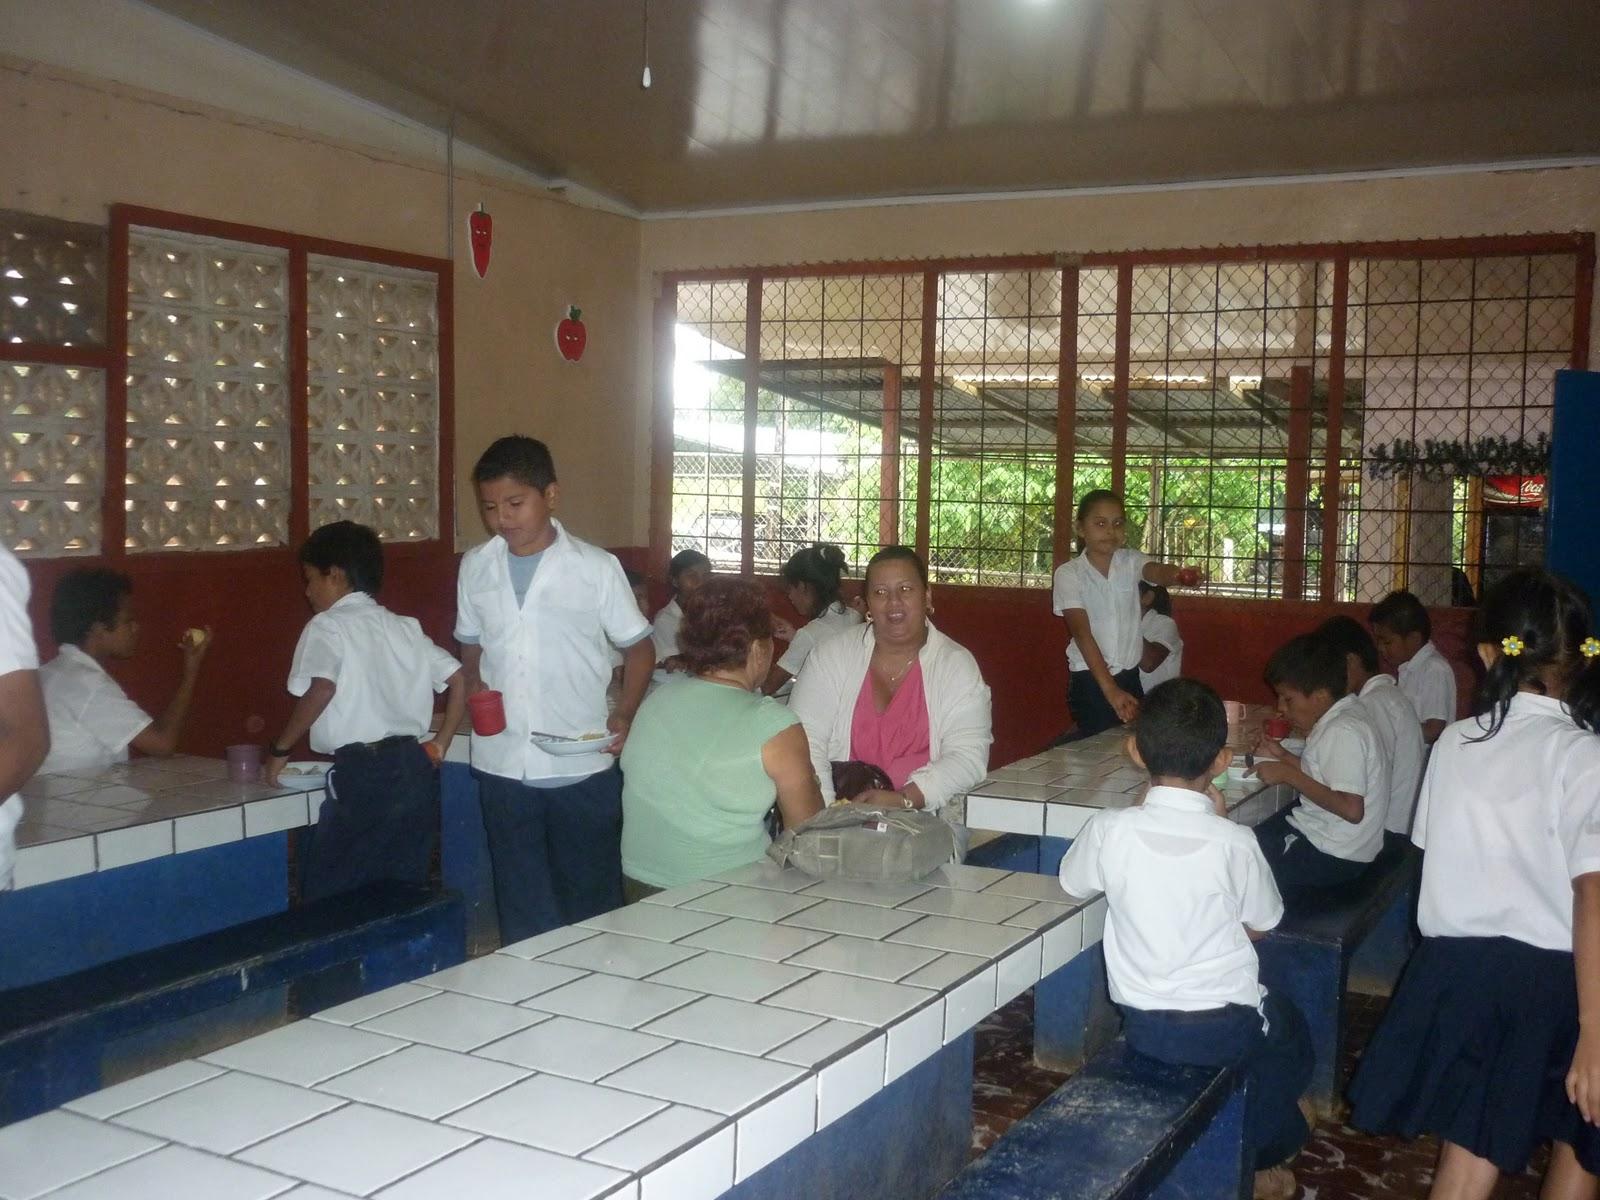 Laboratorio de inform tica escuela santa rita comedor for Comedor de escuela